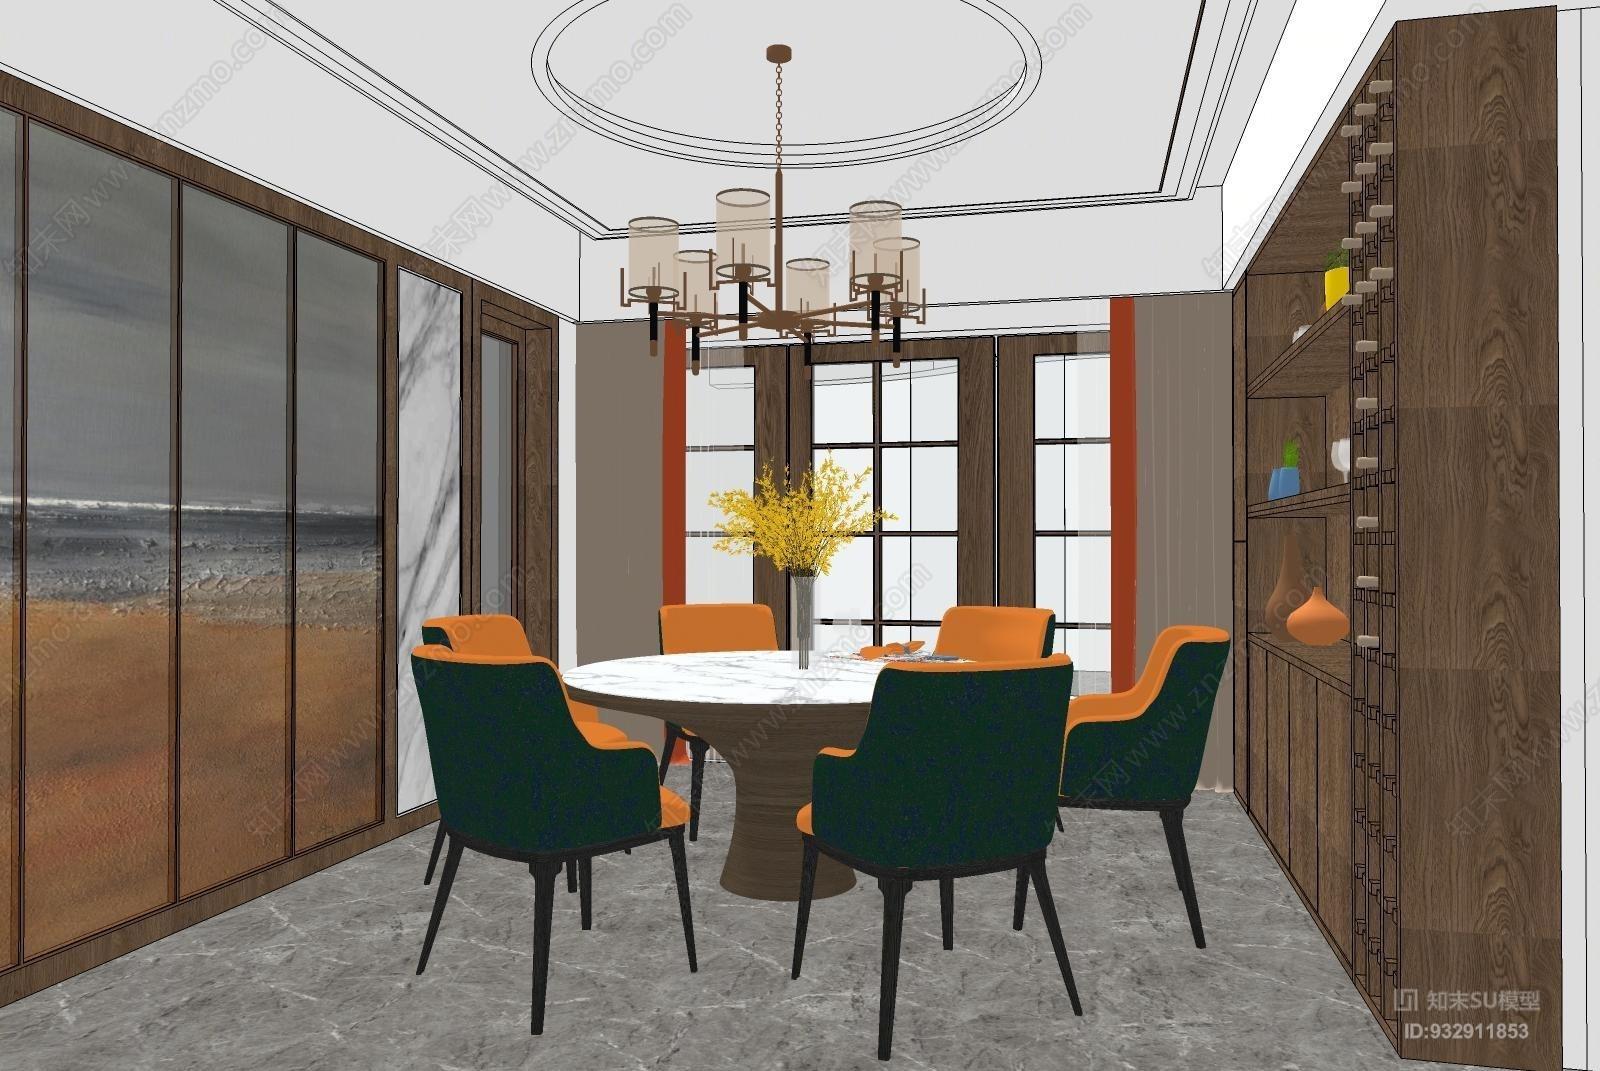 简约时尚客餐厅办公室 会议室 庭院 餐厅 其他